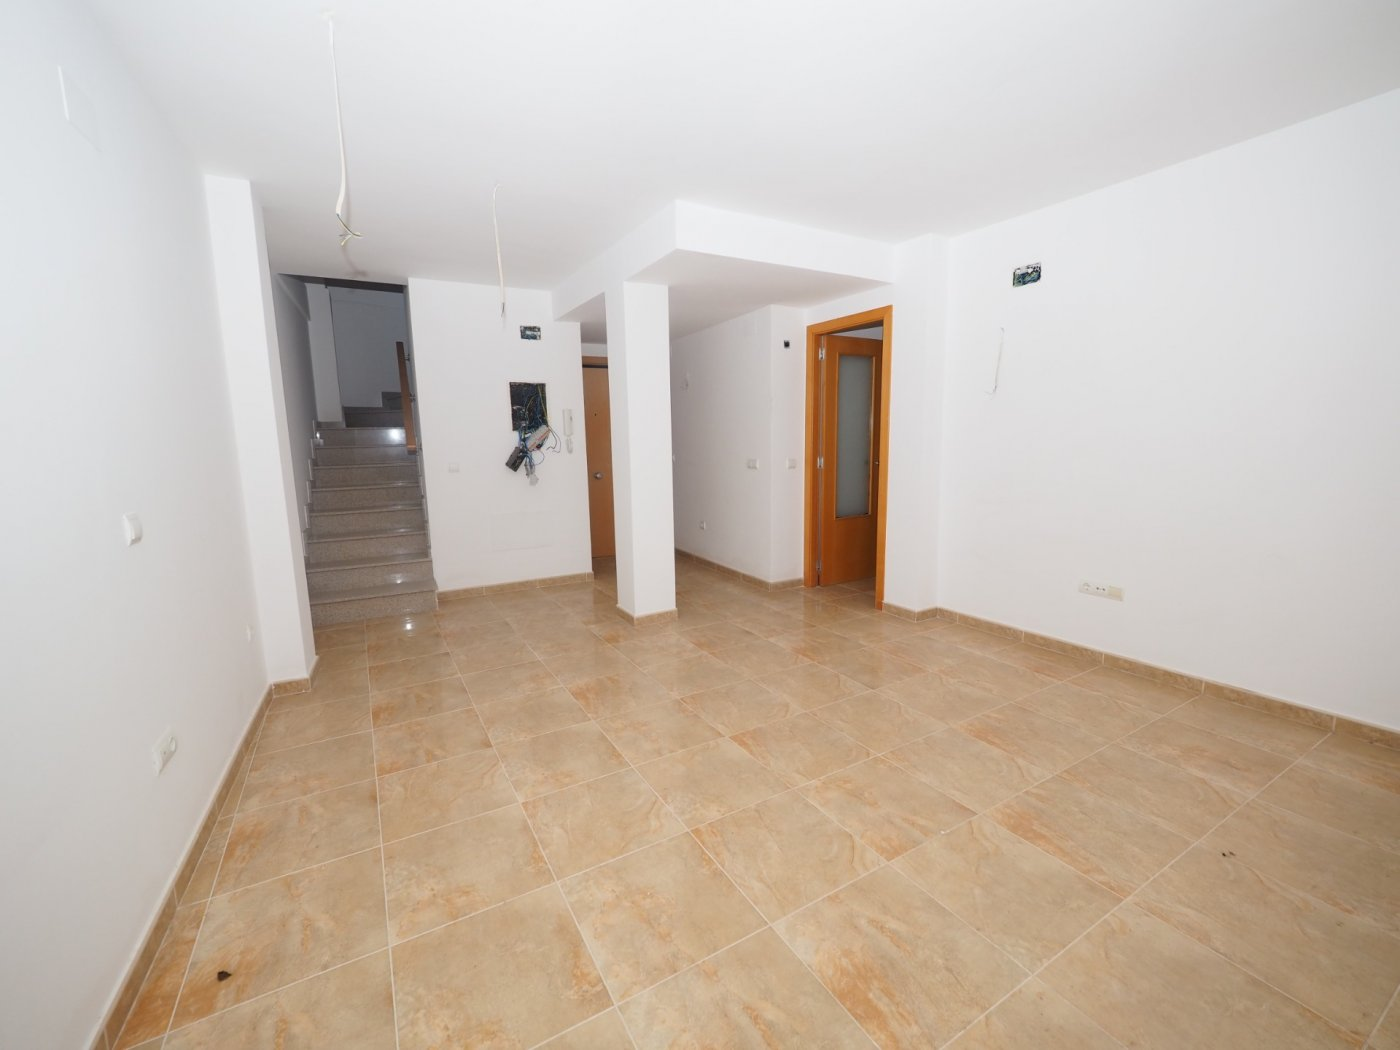 Dúplex · Sant Marti Sarroca · Sant Martí Sarroca 113.000€€